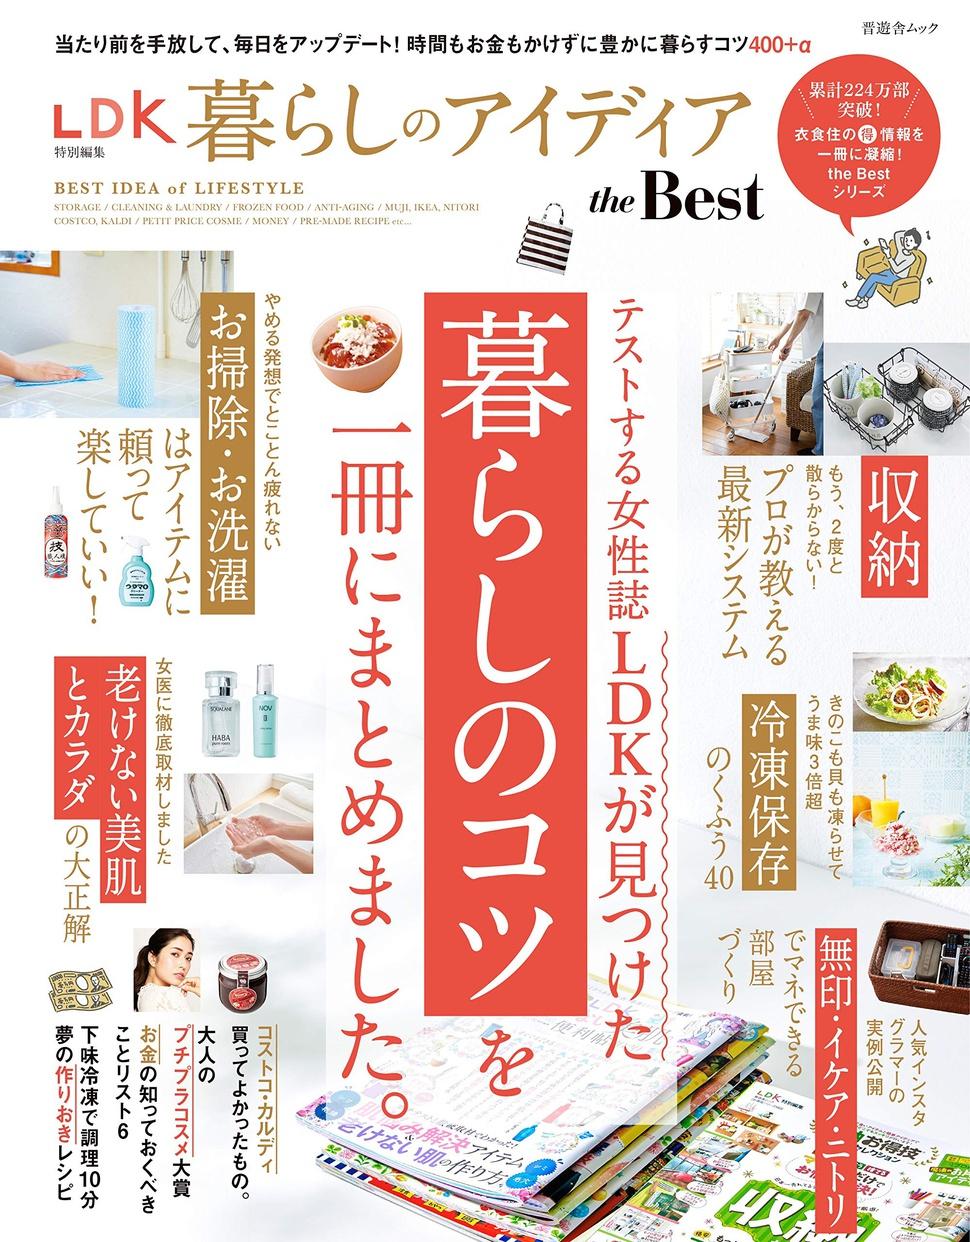 晋遊舎(SHINYUSHA) LDK 暮らしのベストアイディア the Best